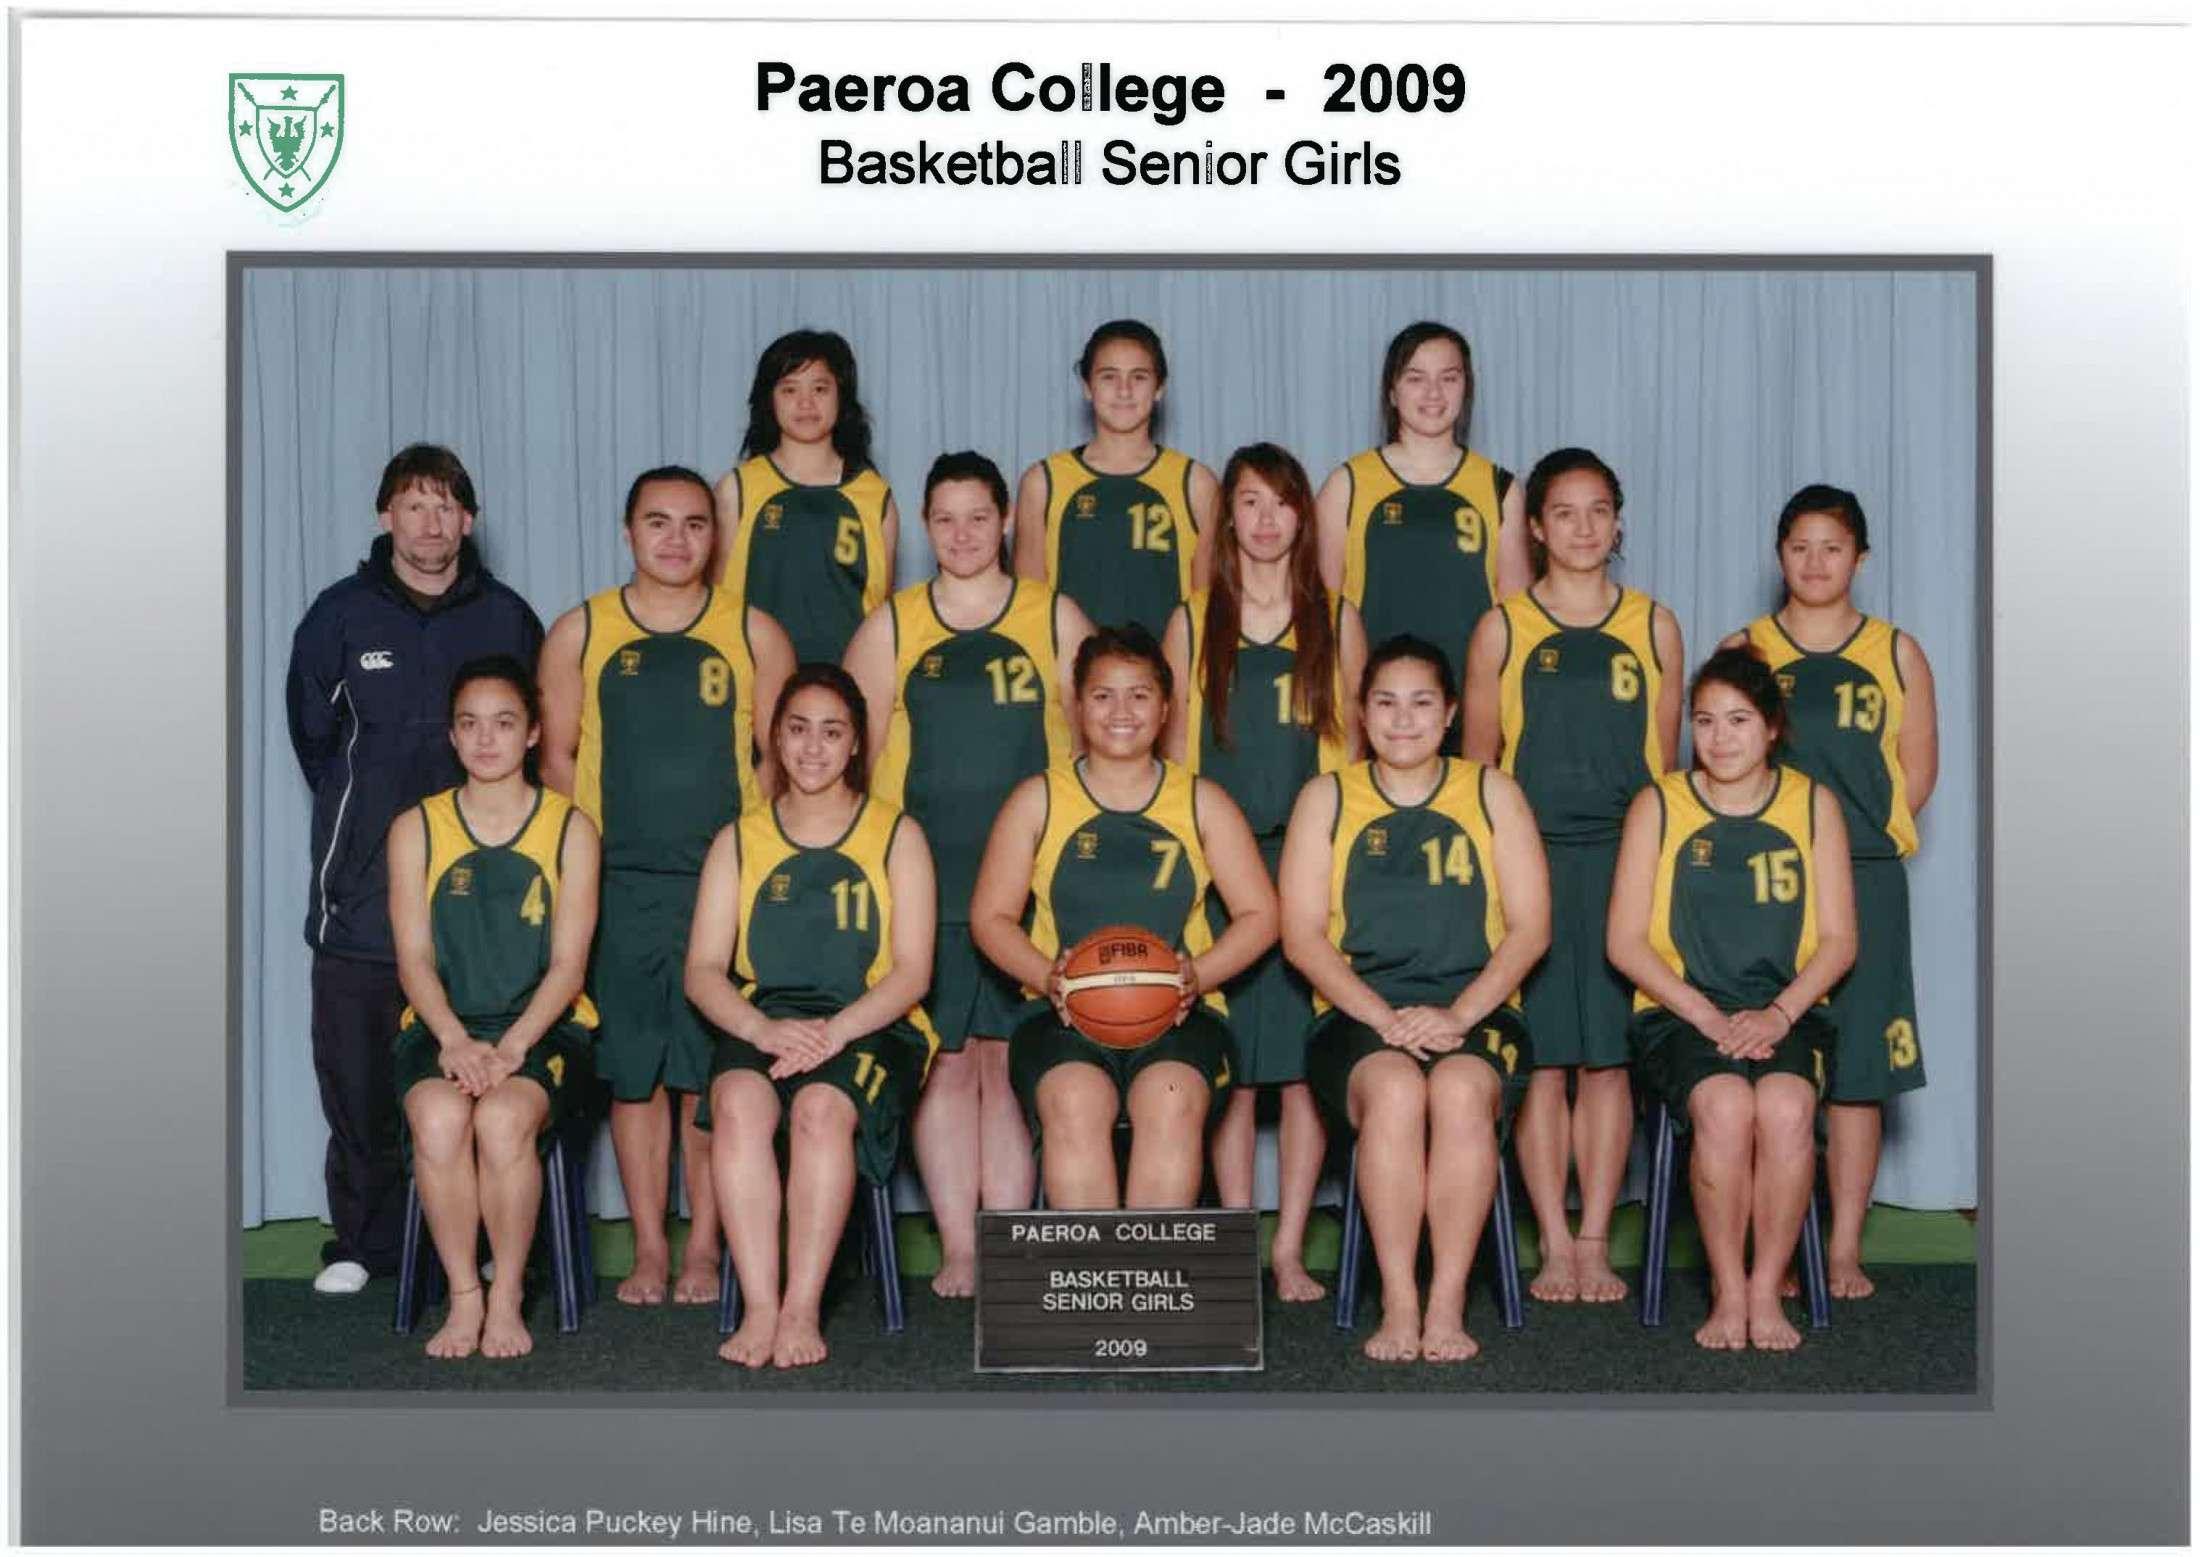 2009 SG Basketball